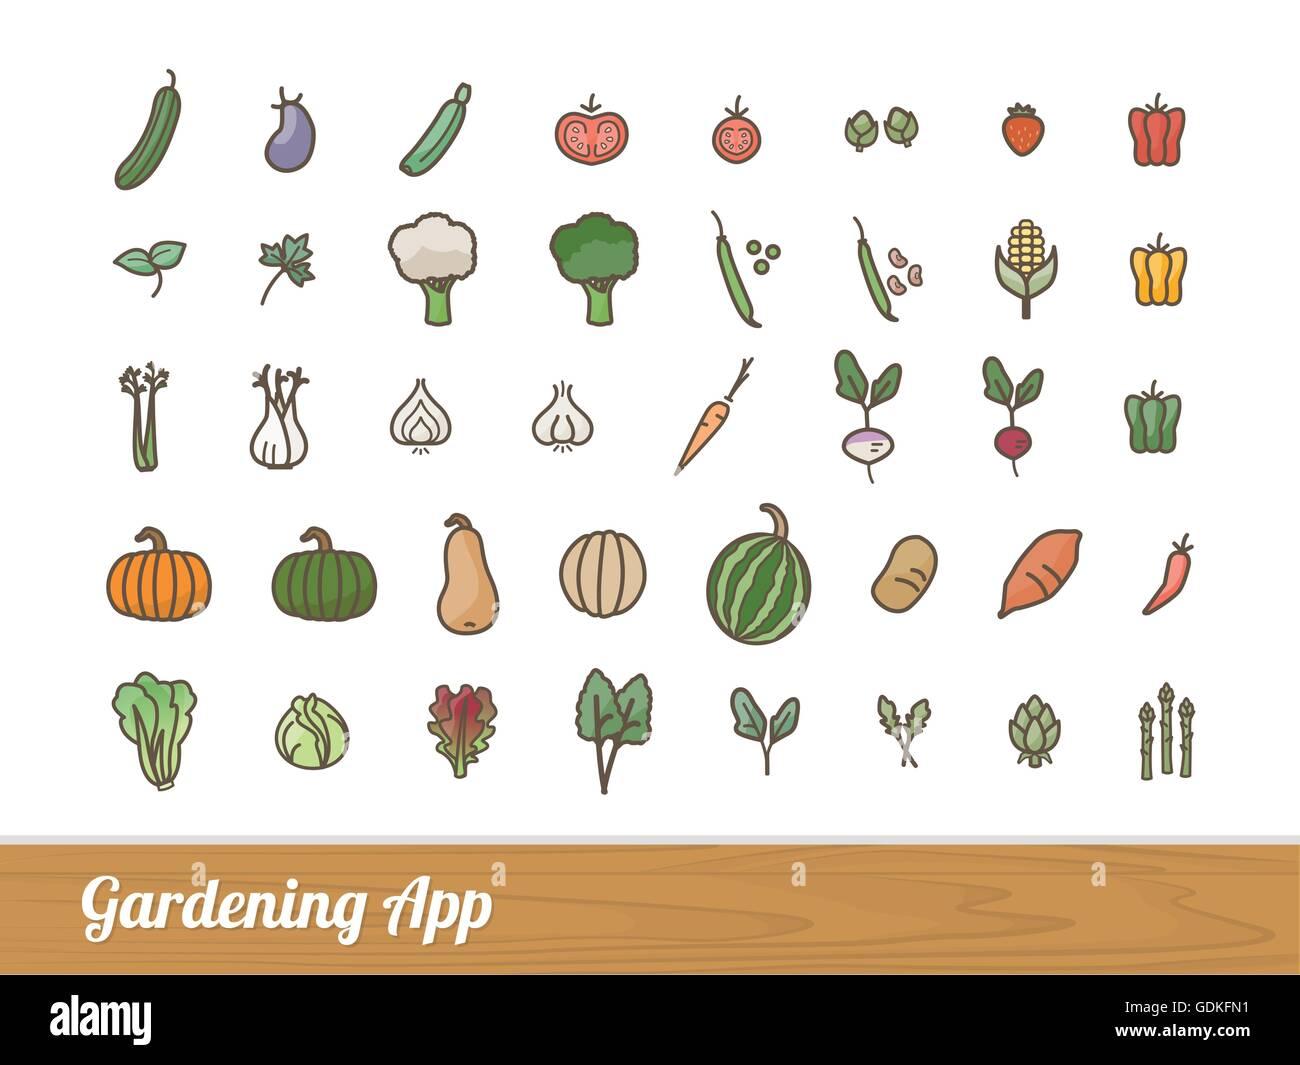 garten- und landwirtschaft app gemüse skizzierte symbole set vektor